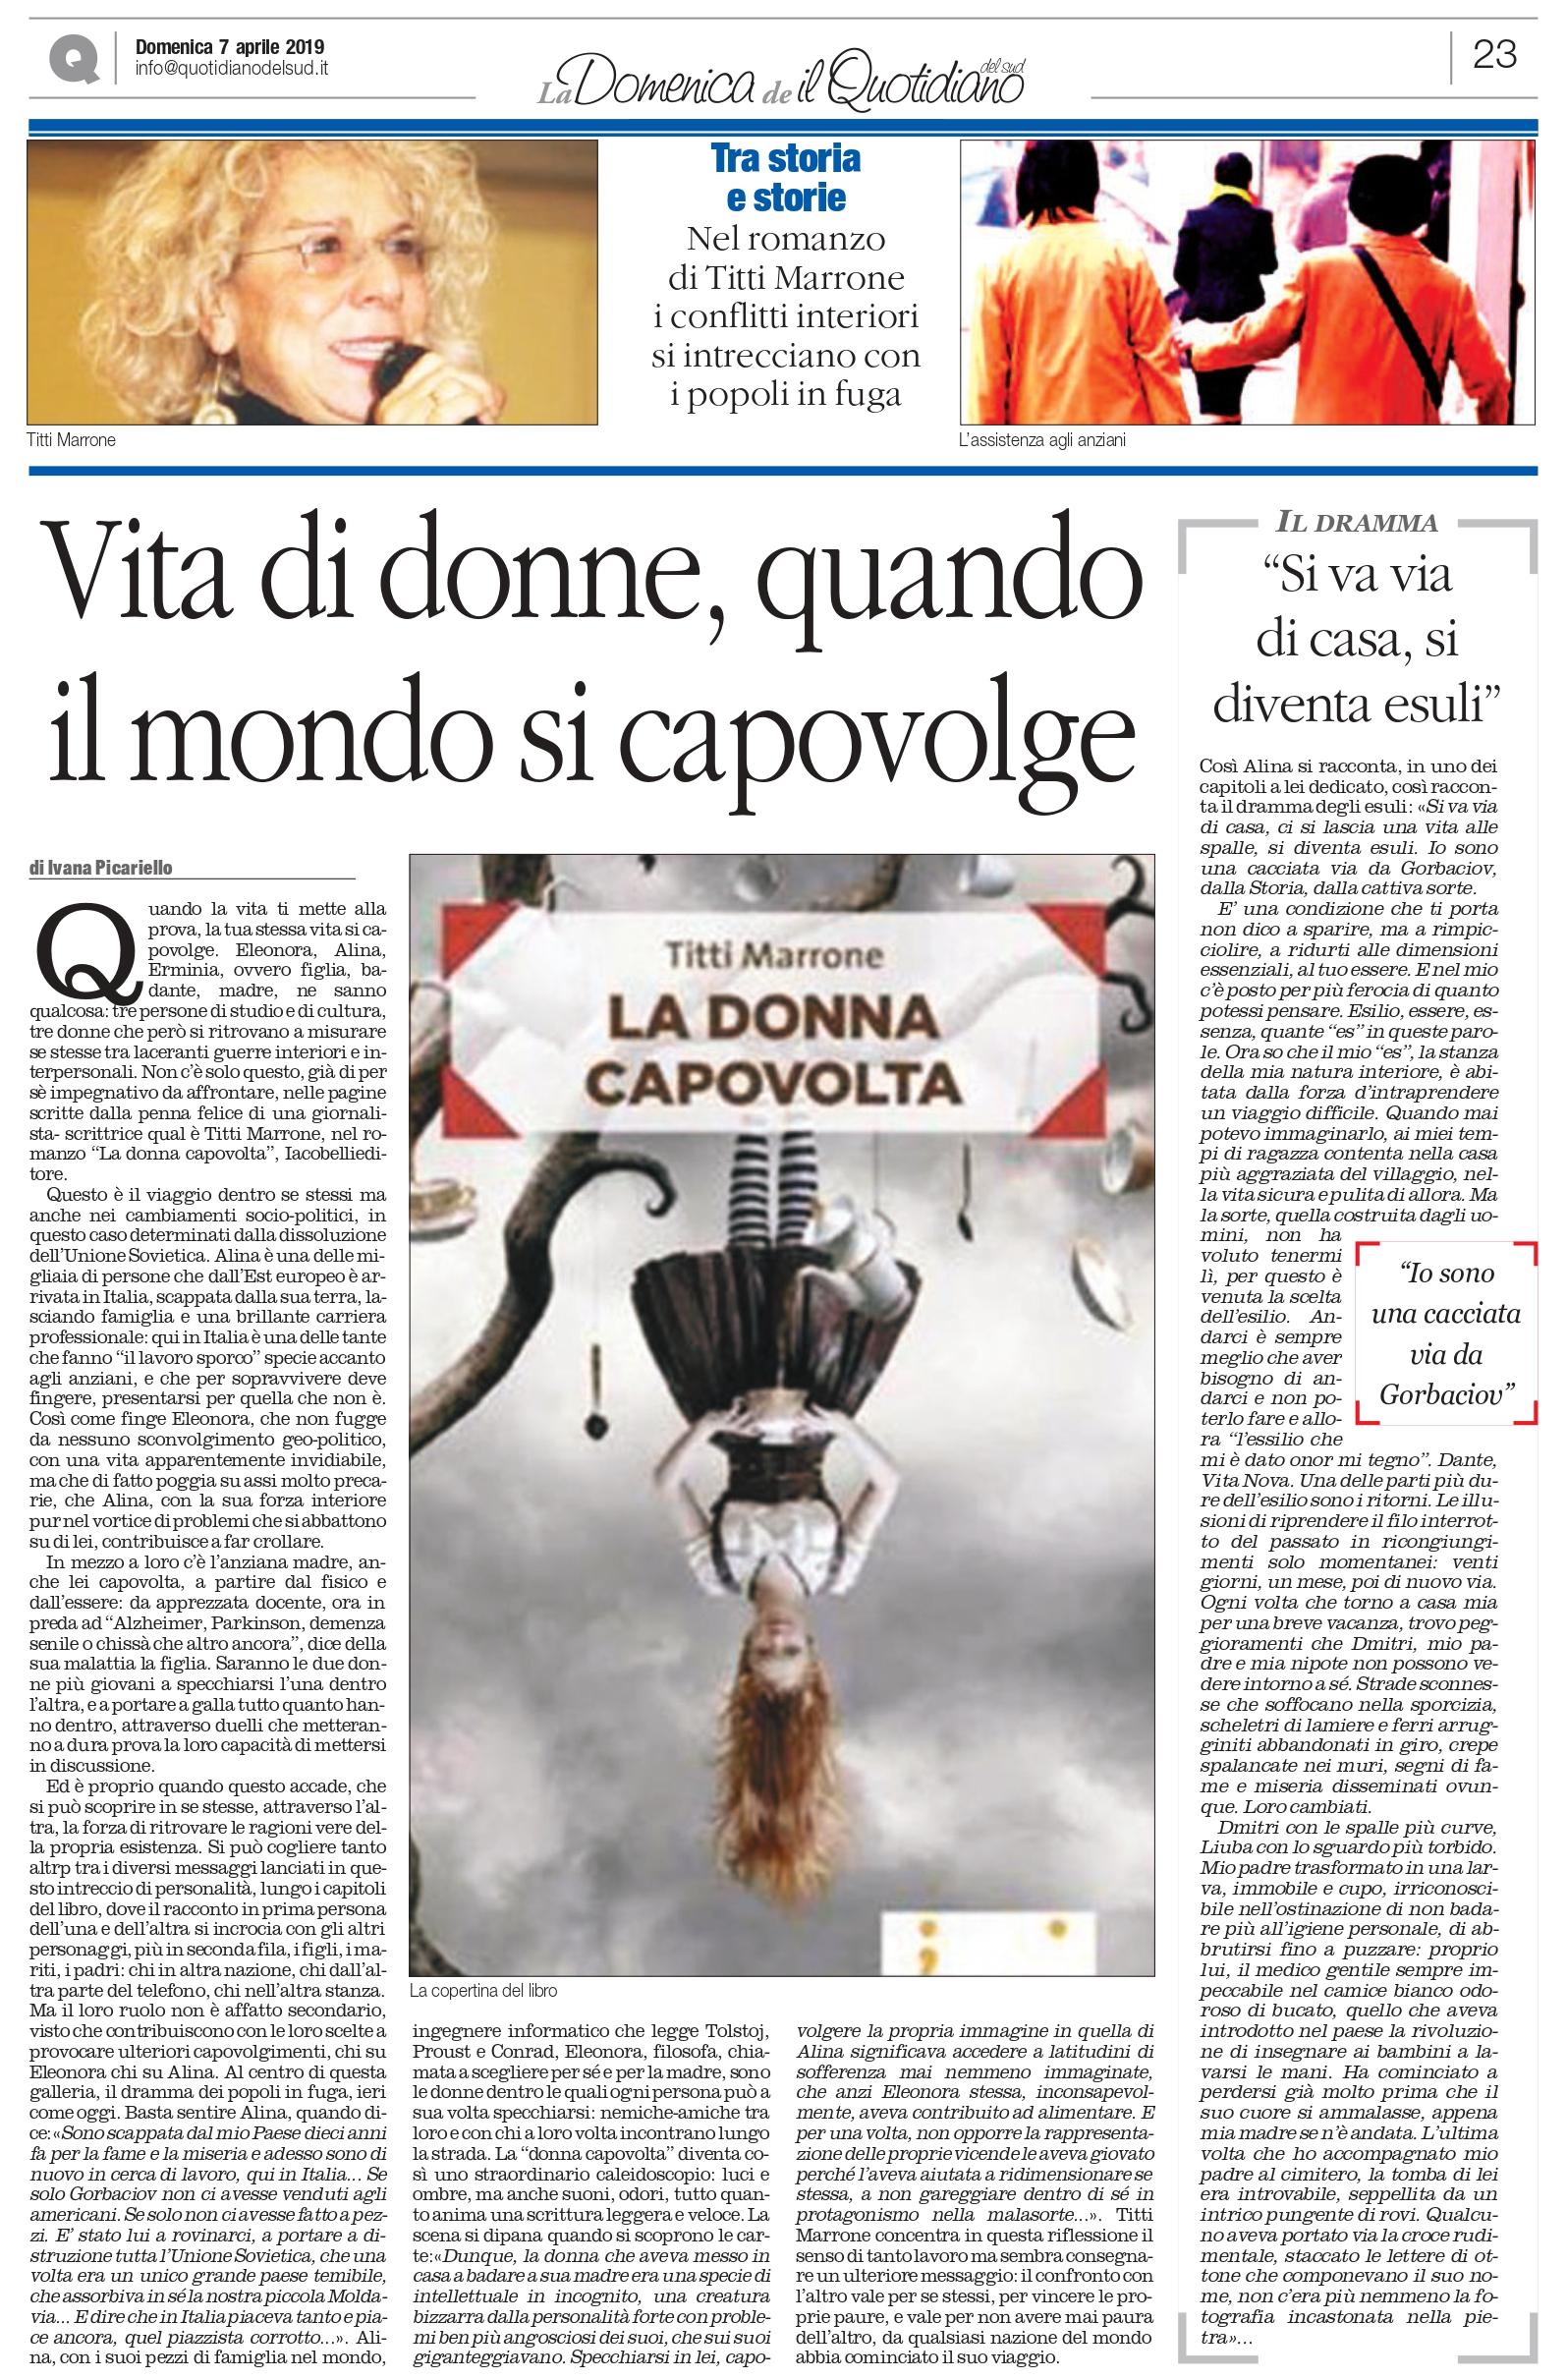 Calendario Titti Bianchi.La Donna Capovolta